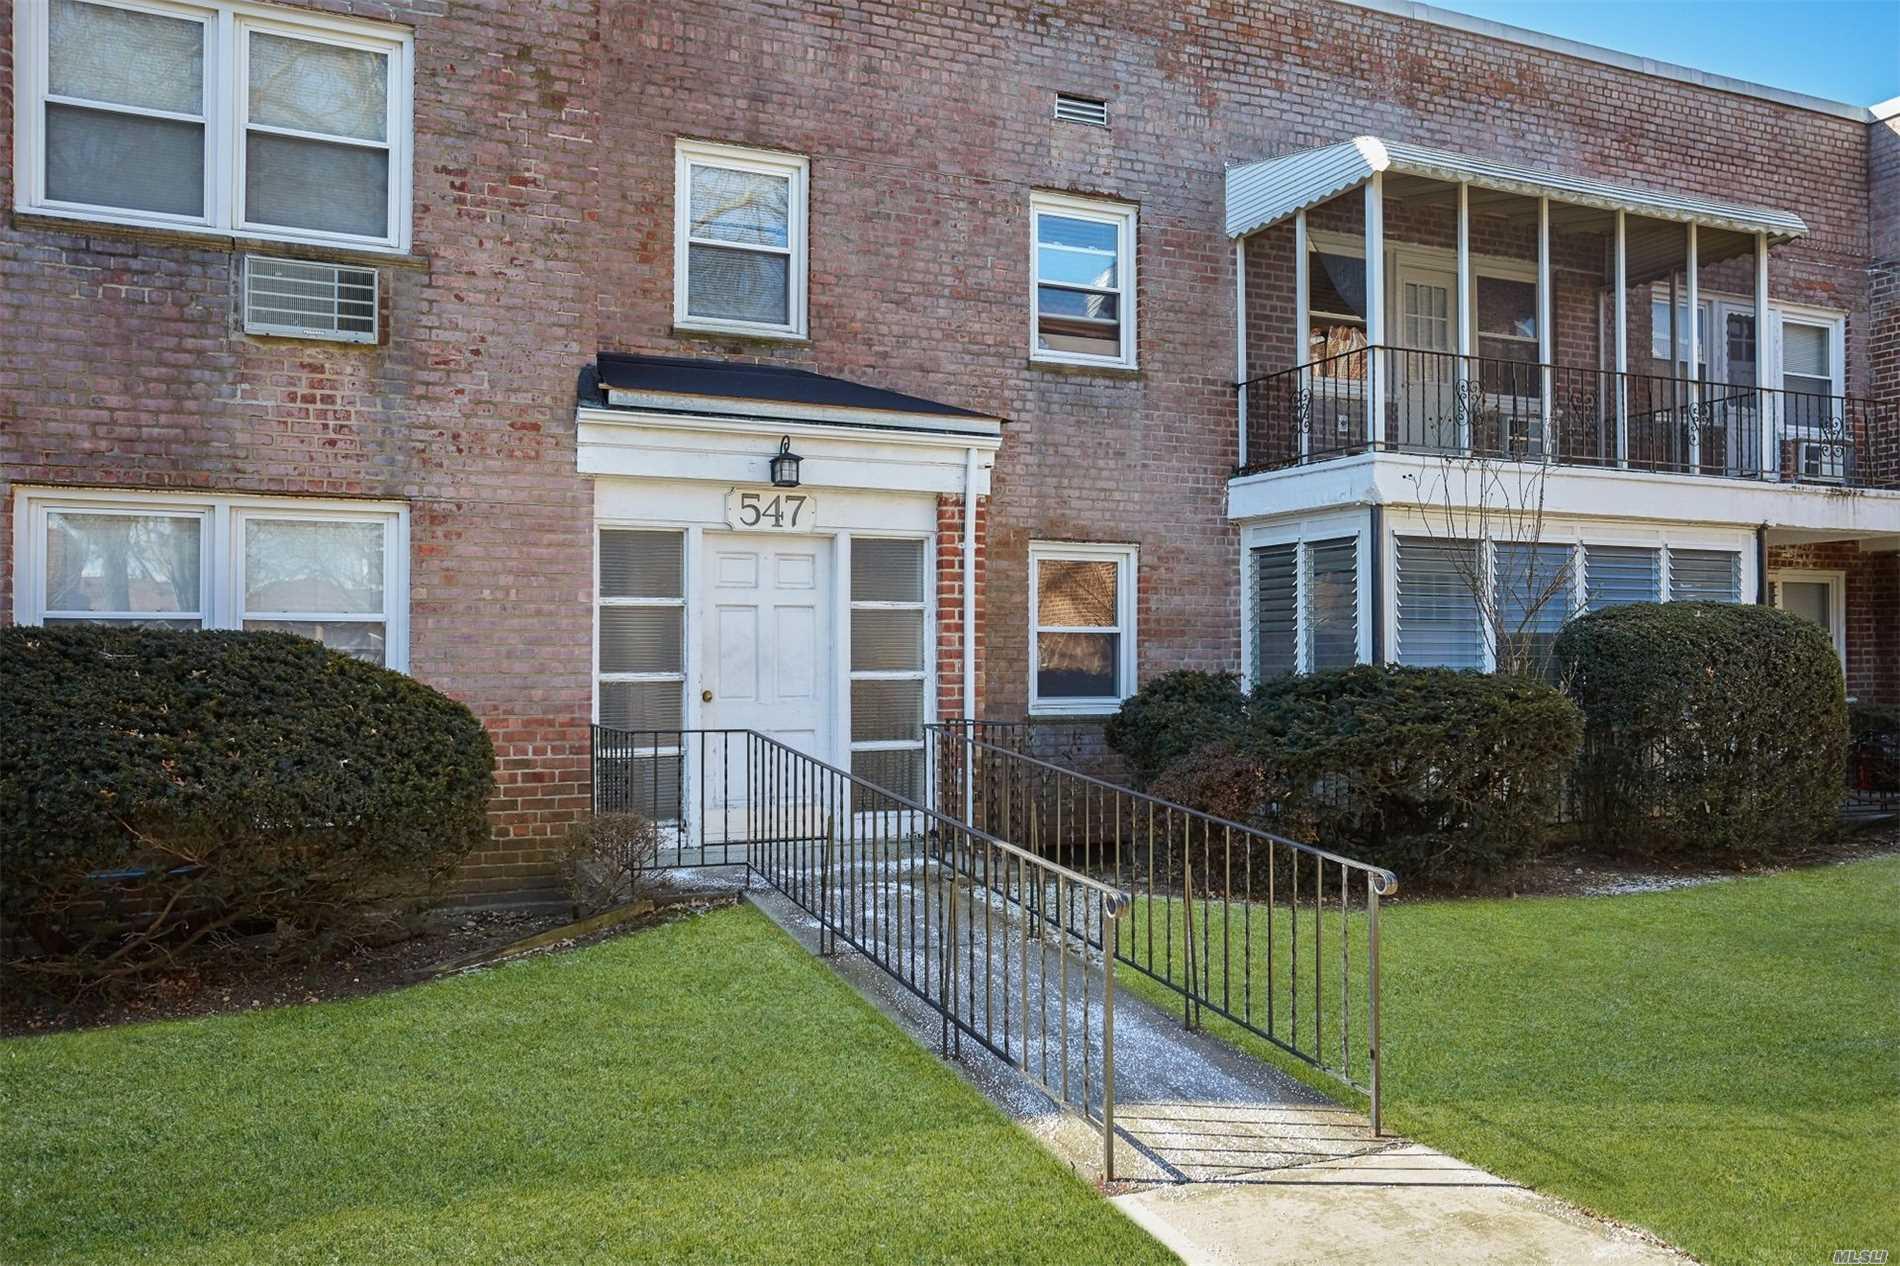 547 Central Ave Cedarhurst, NY 11516